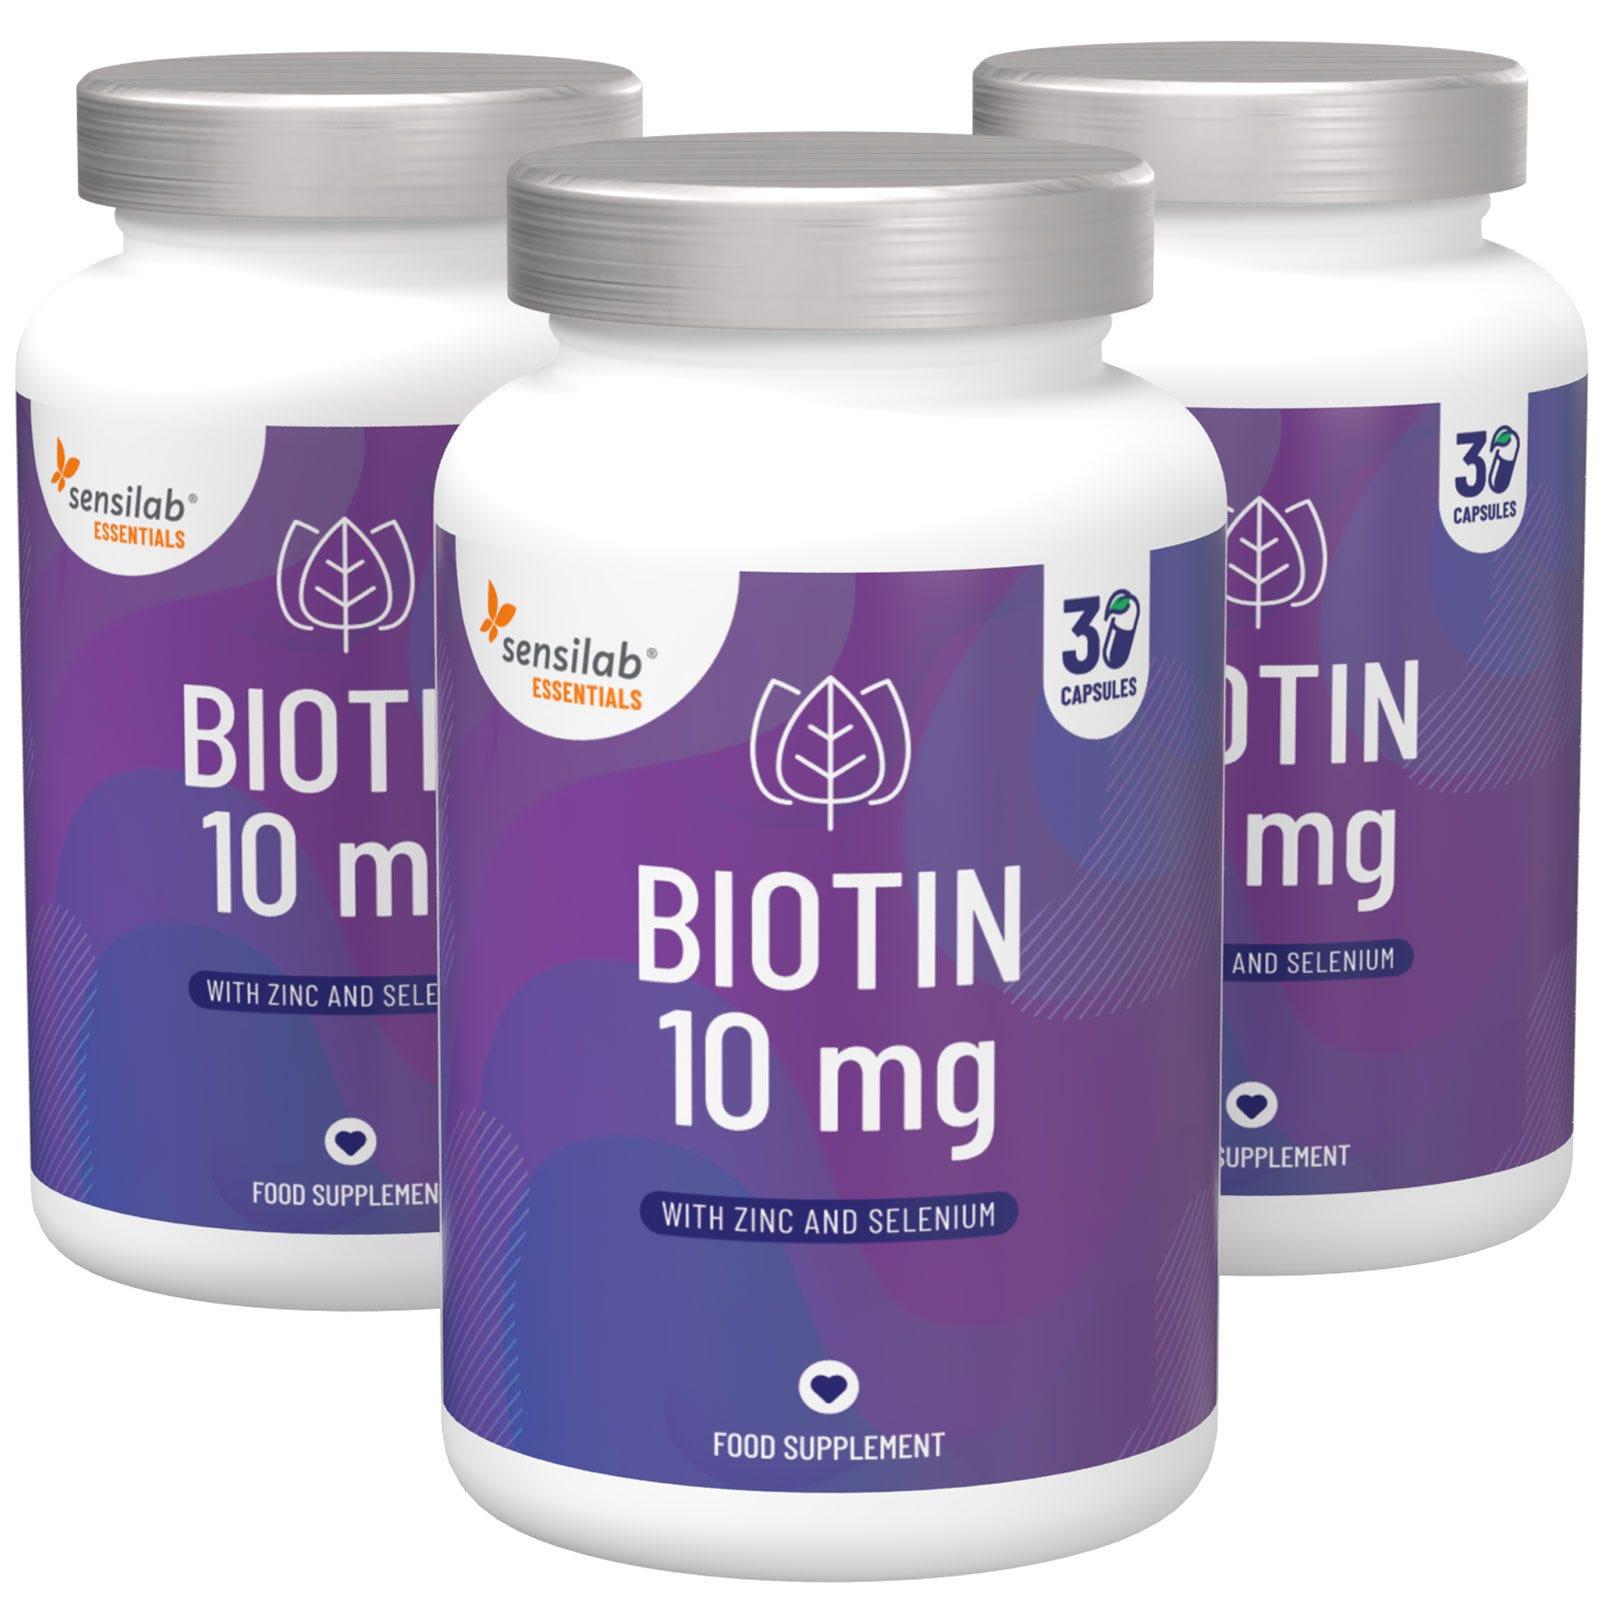 Biotina para Cabello, Piel y Uñas 1+2 GRATIS.